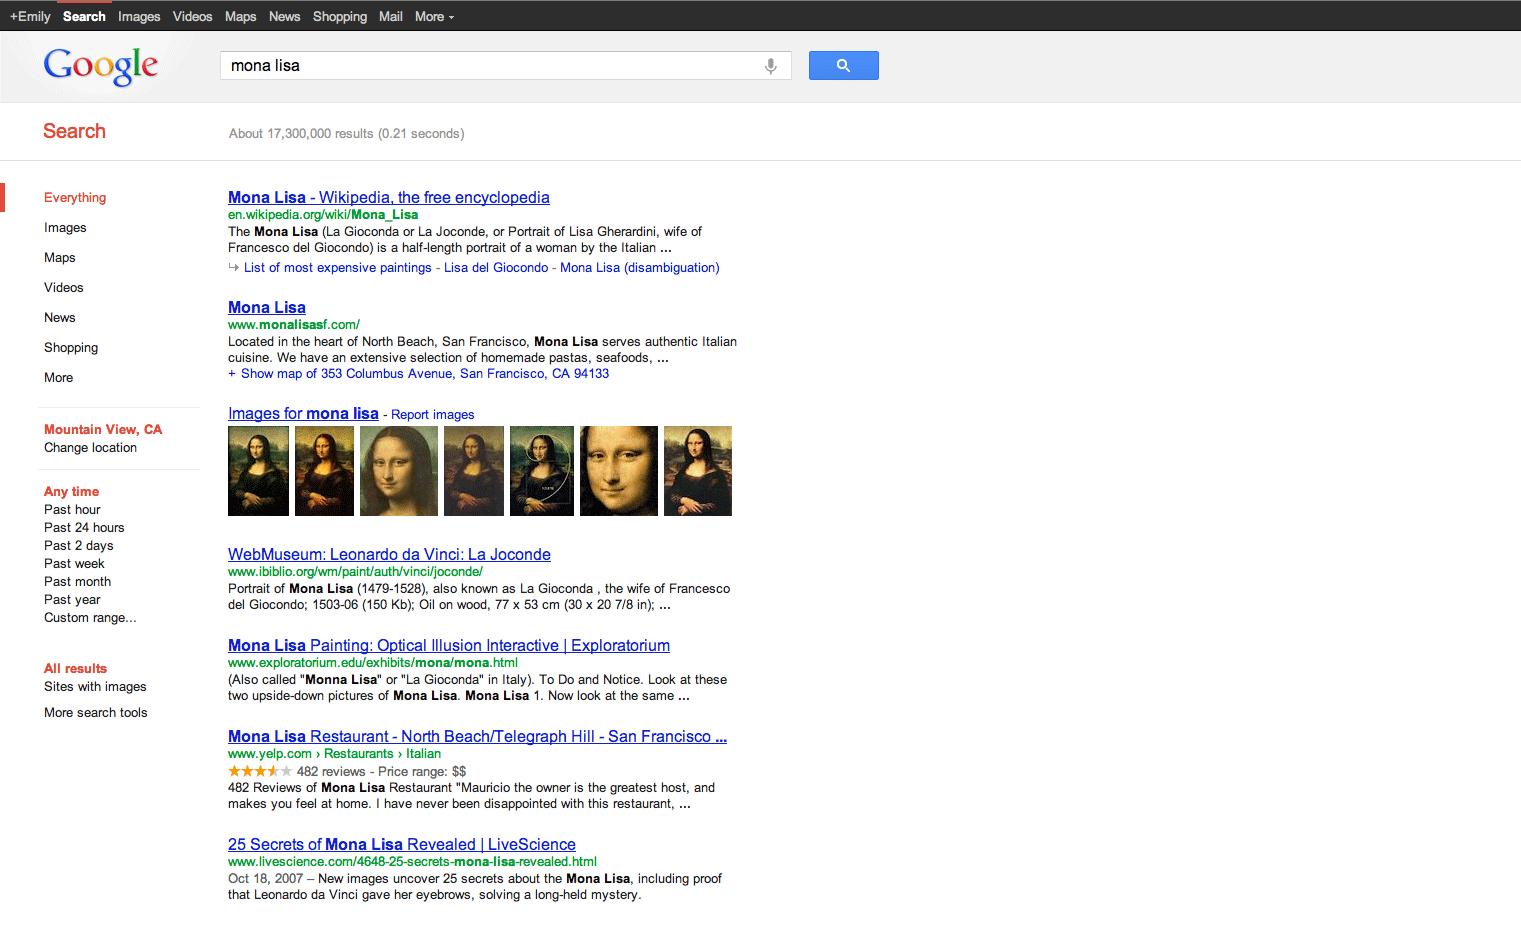 Google imágenes trucos 2